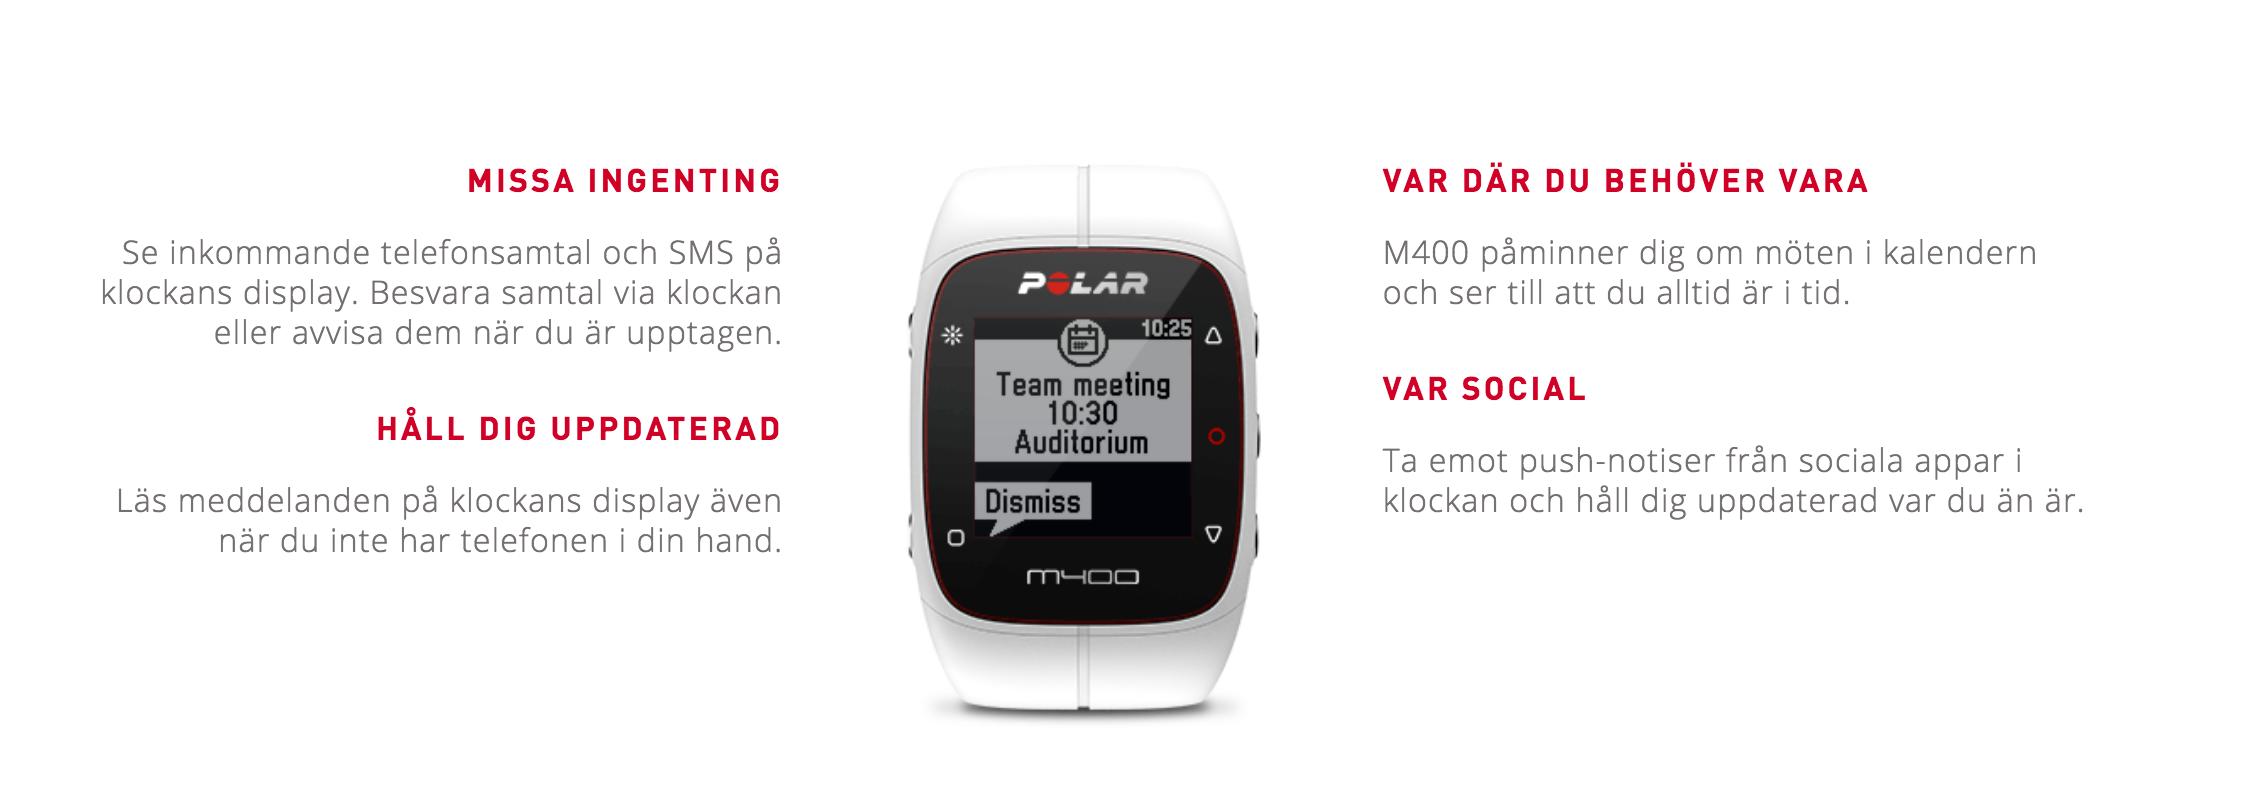 polar-m400-features